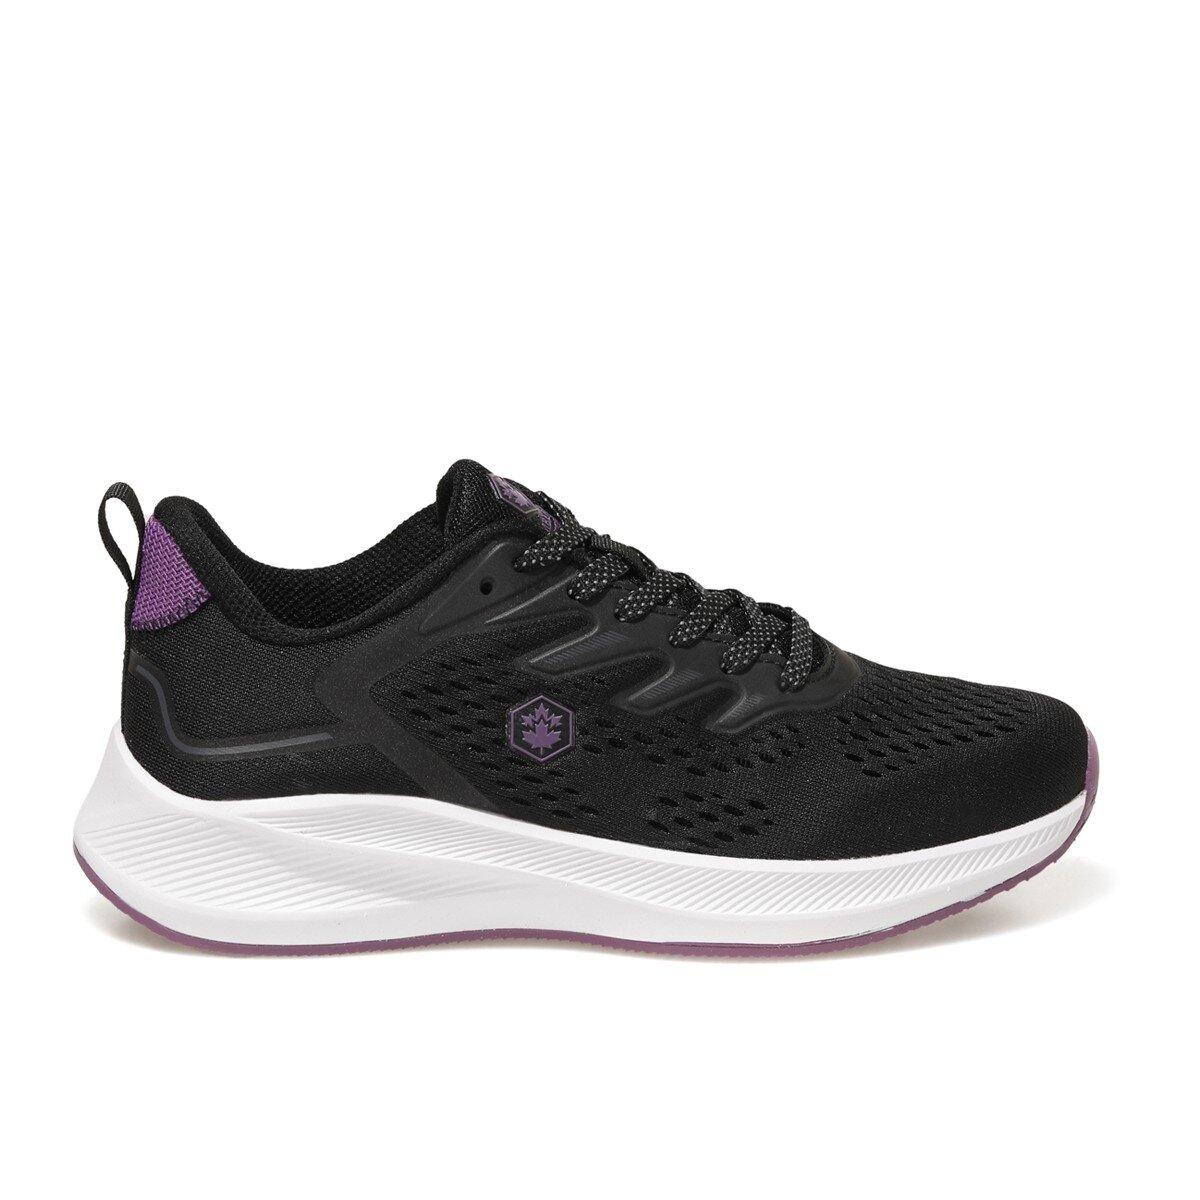 Hundert Kadın Siyah Koşu Ayakkabısı (100601519)